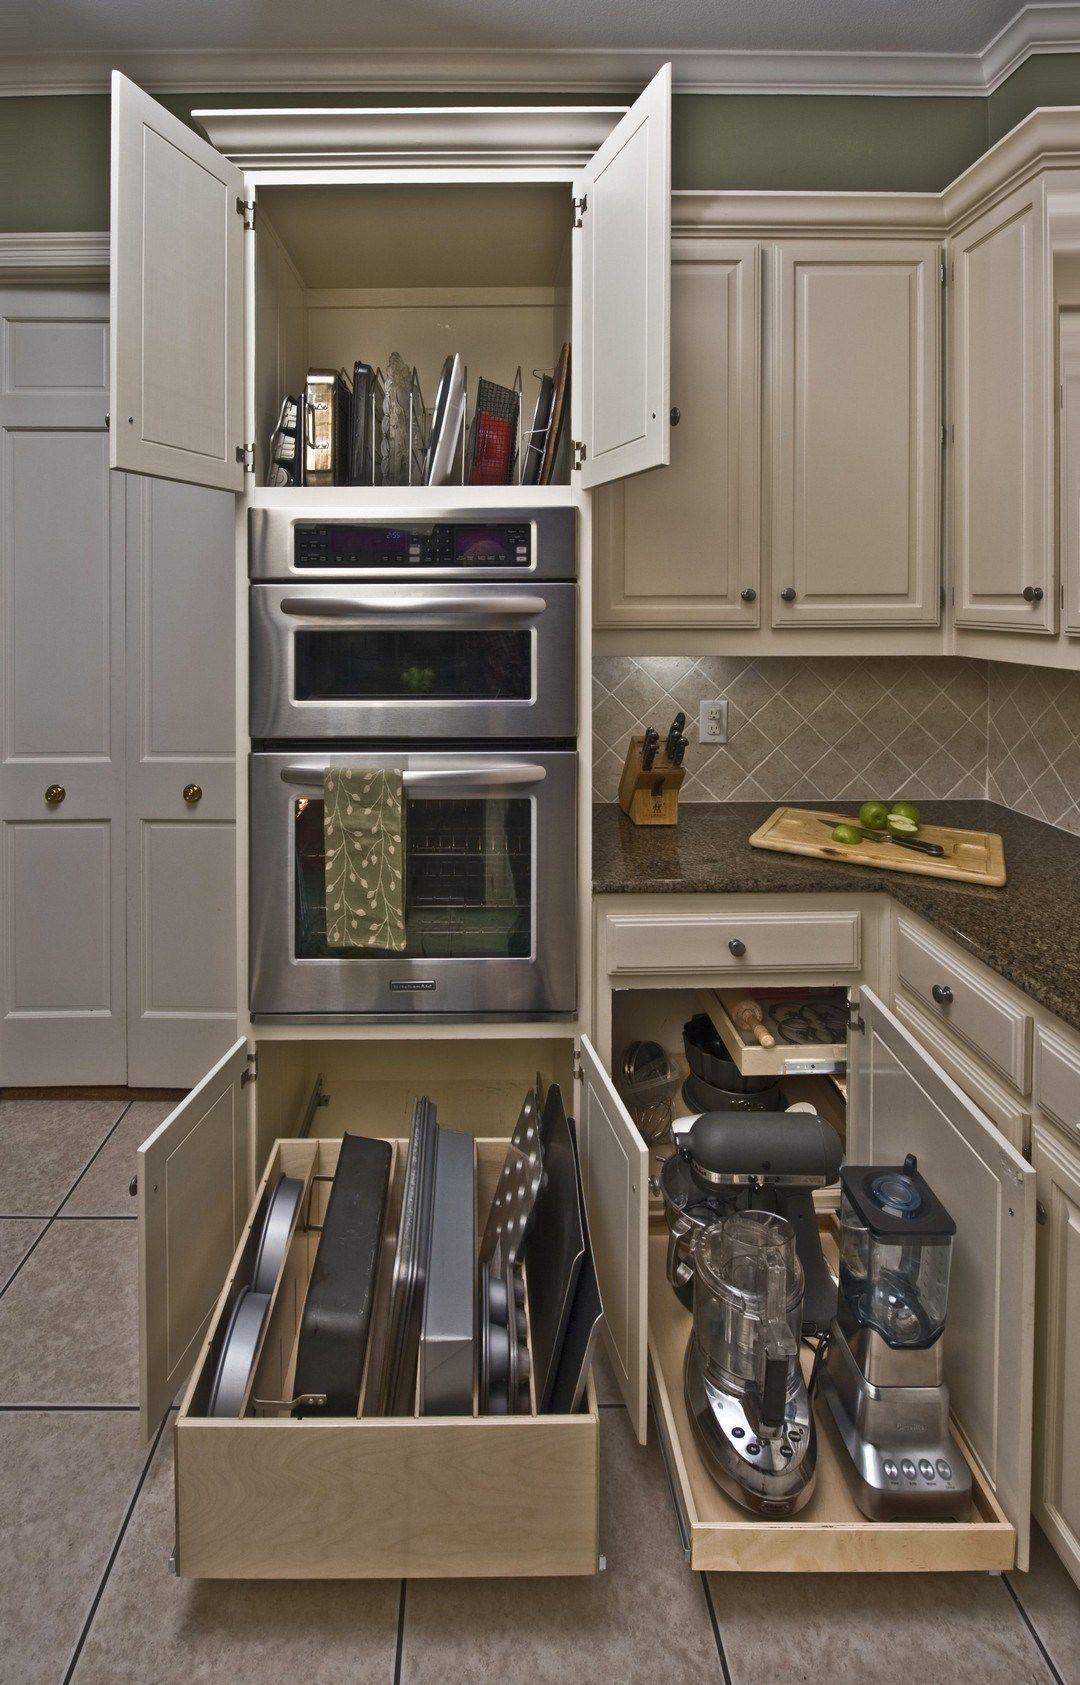 Cabinet Storage & Organization Ideas For New Kitchen ...